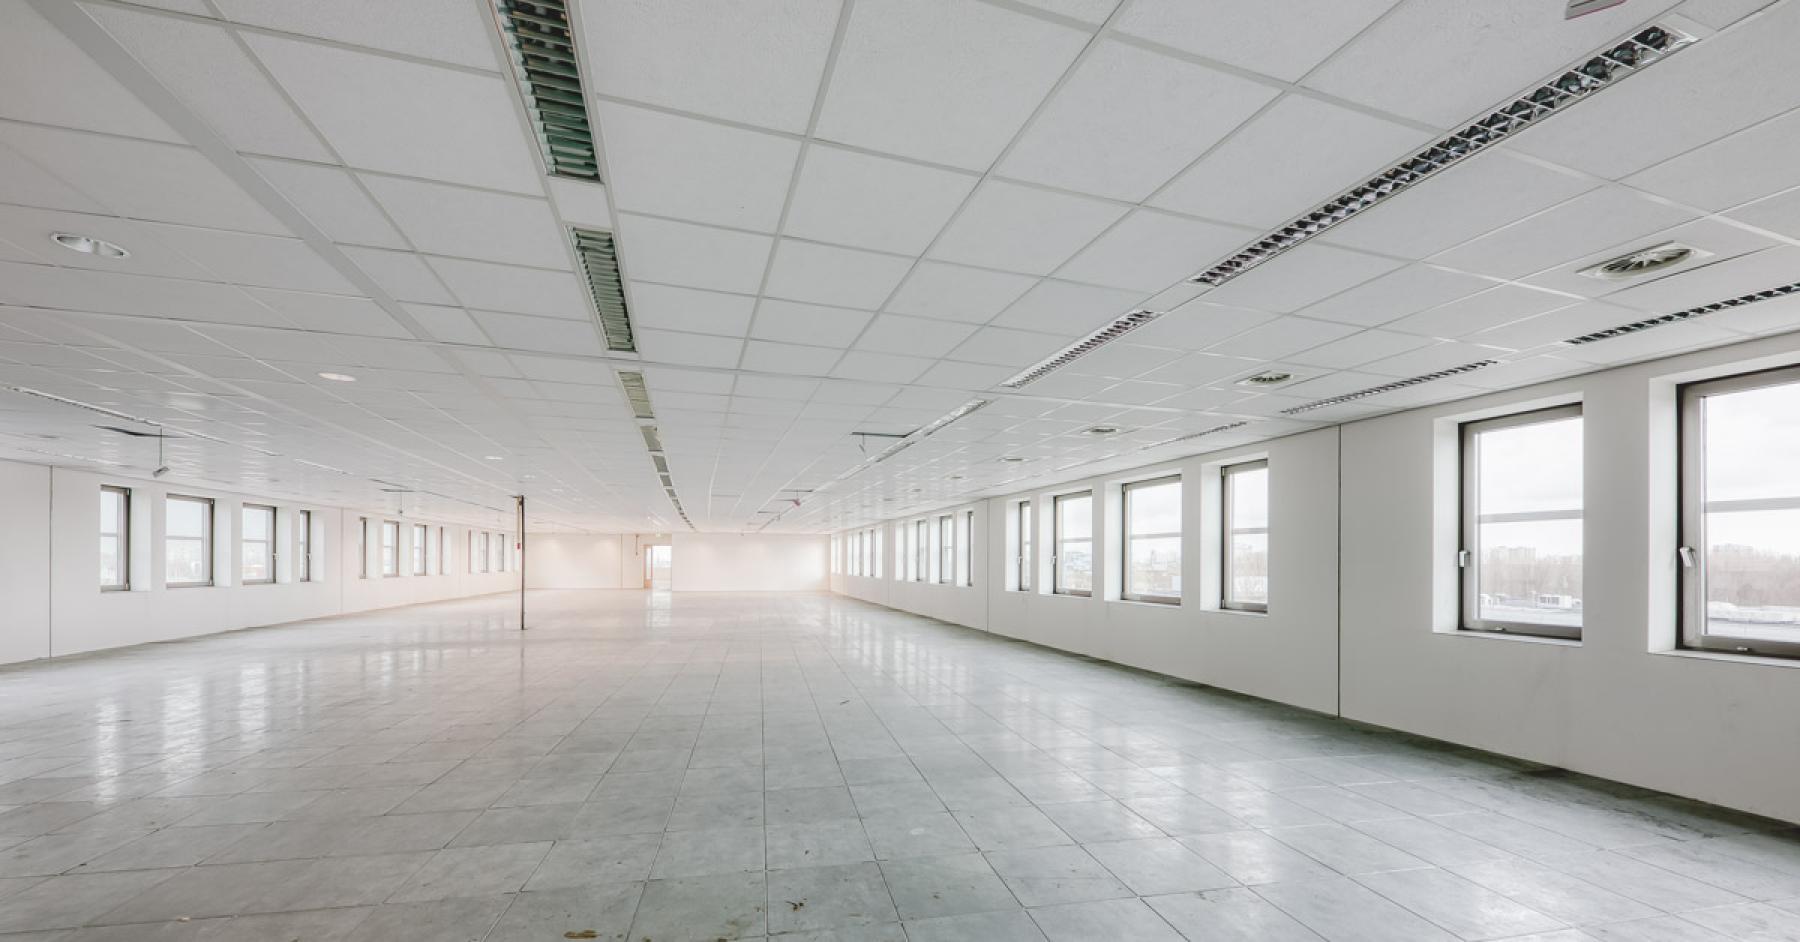 Kantoorruimte huren Rivium Boulevard 201-234, Capelle aan den IJssel (11)